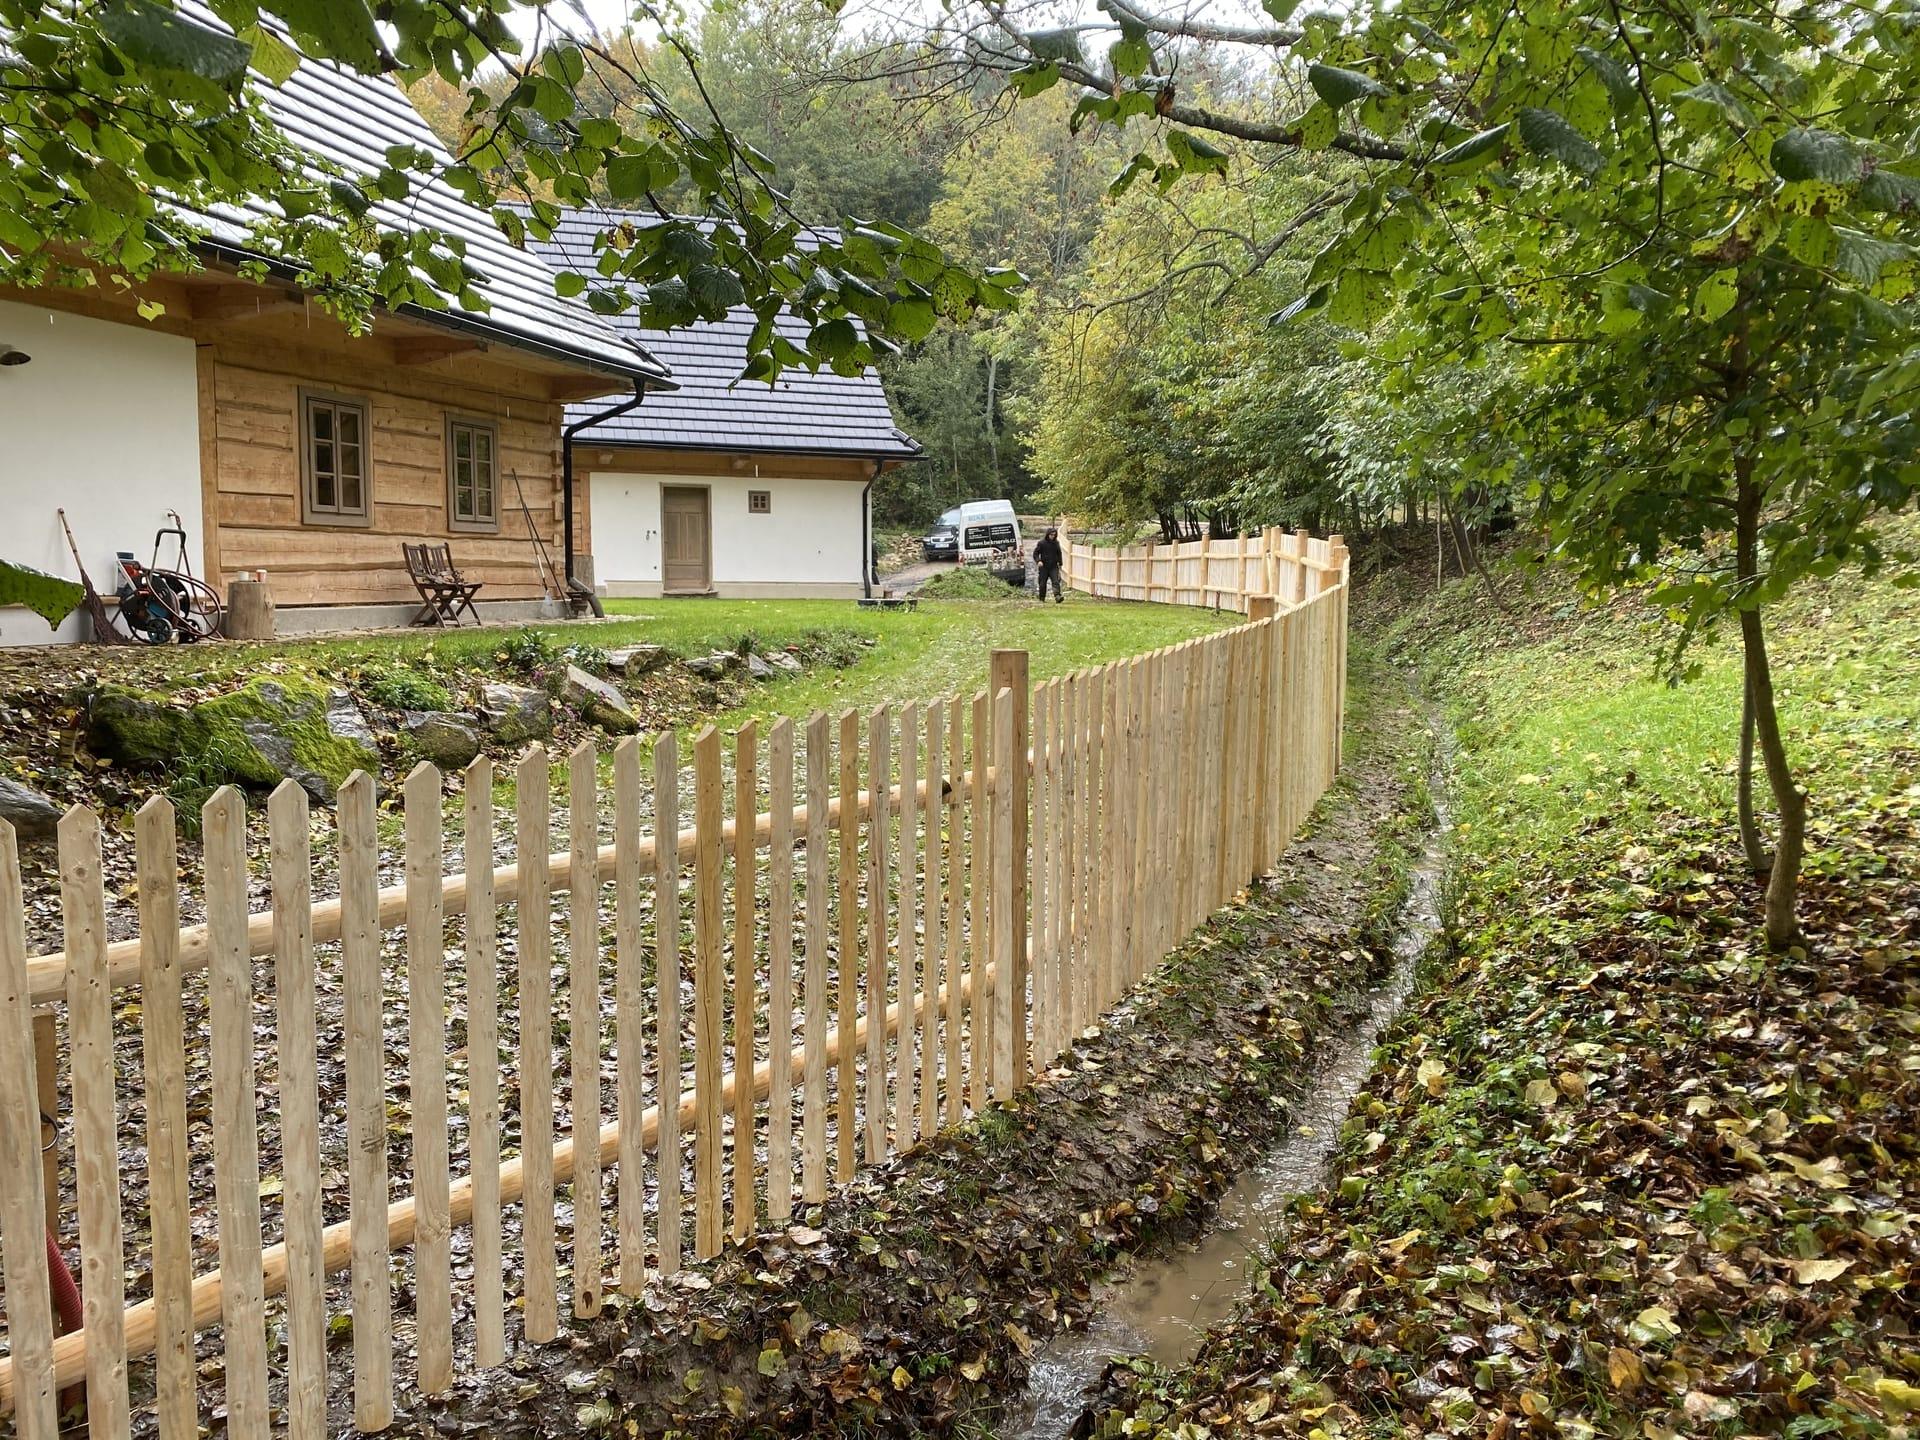 Obrázek 1 / Dřevěné ploty - ručně opracovaný   - realizace Skornice 10-2020